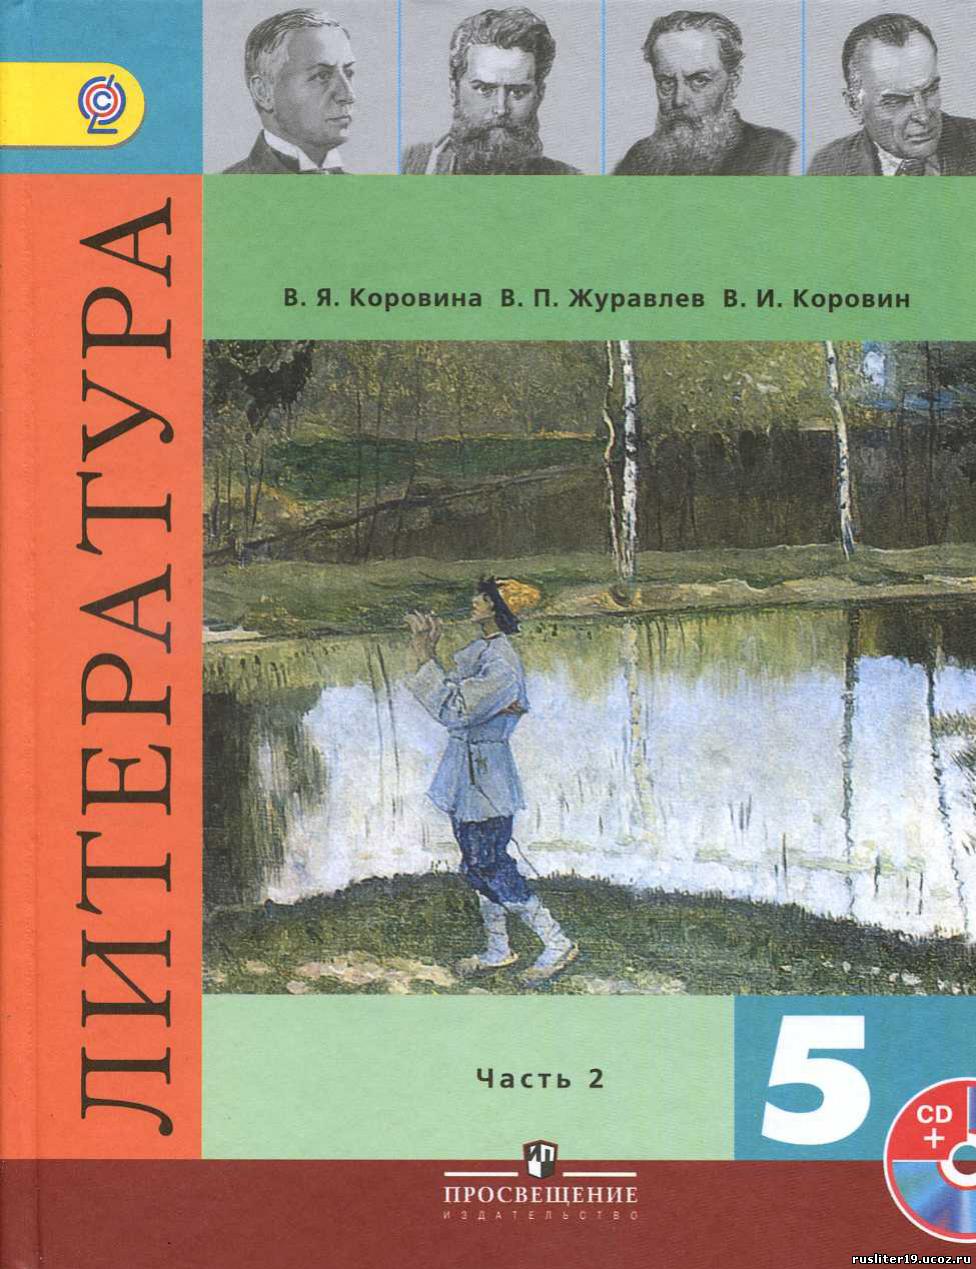 Учебник по литературе 10 класс лыссый скачать